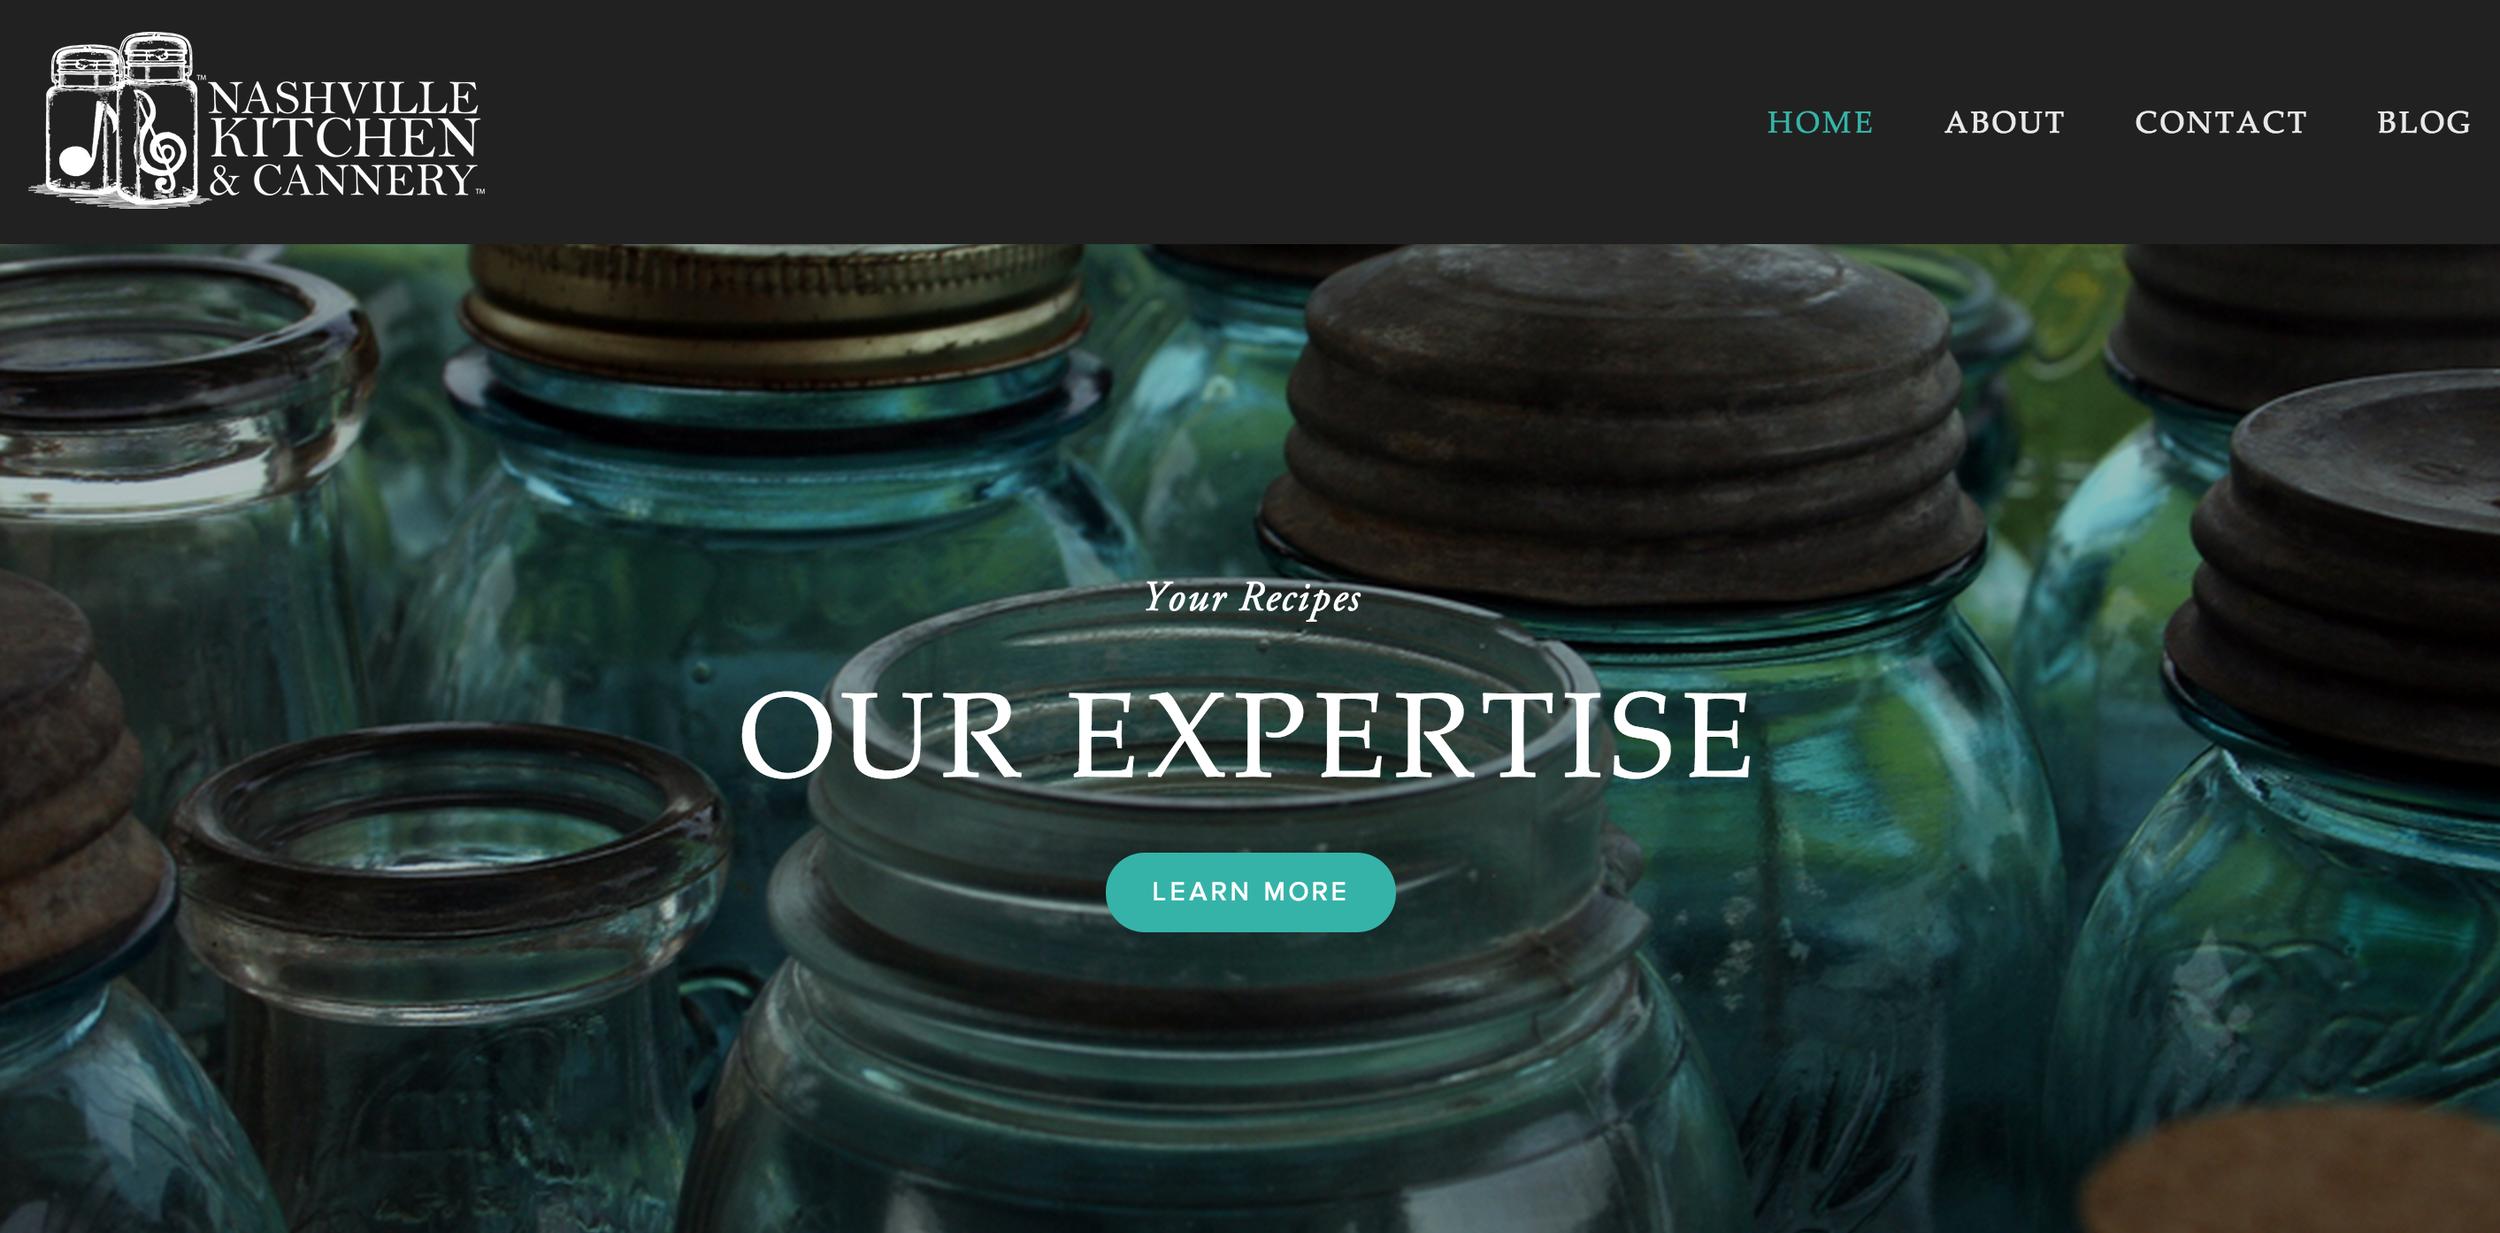 Website design for Nashville Kitchen & Cannery